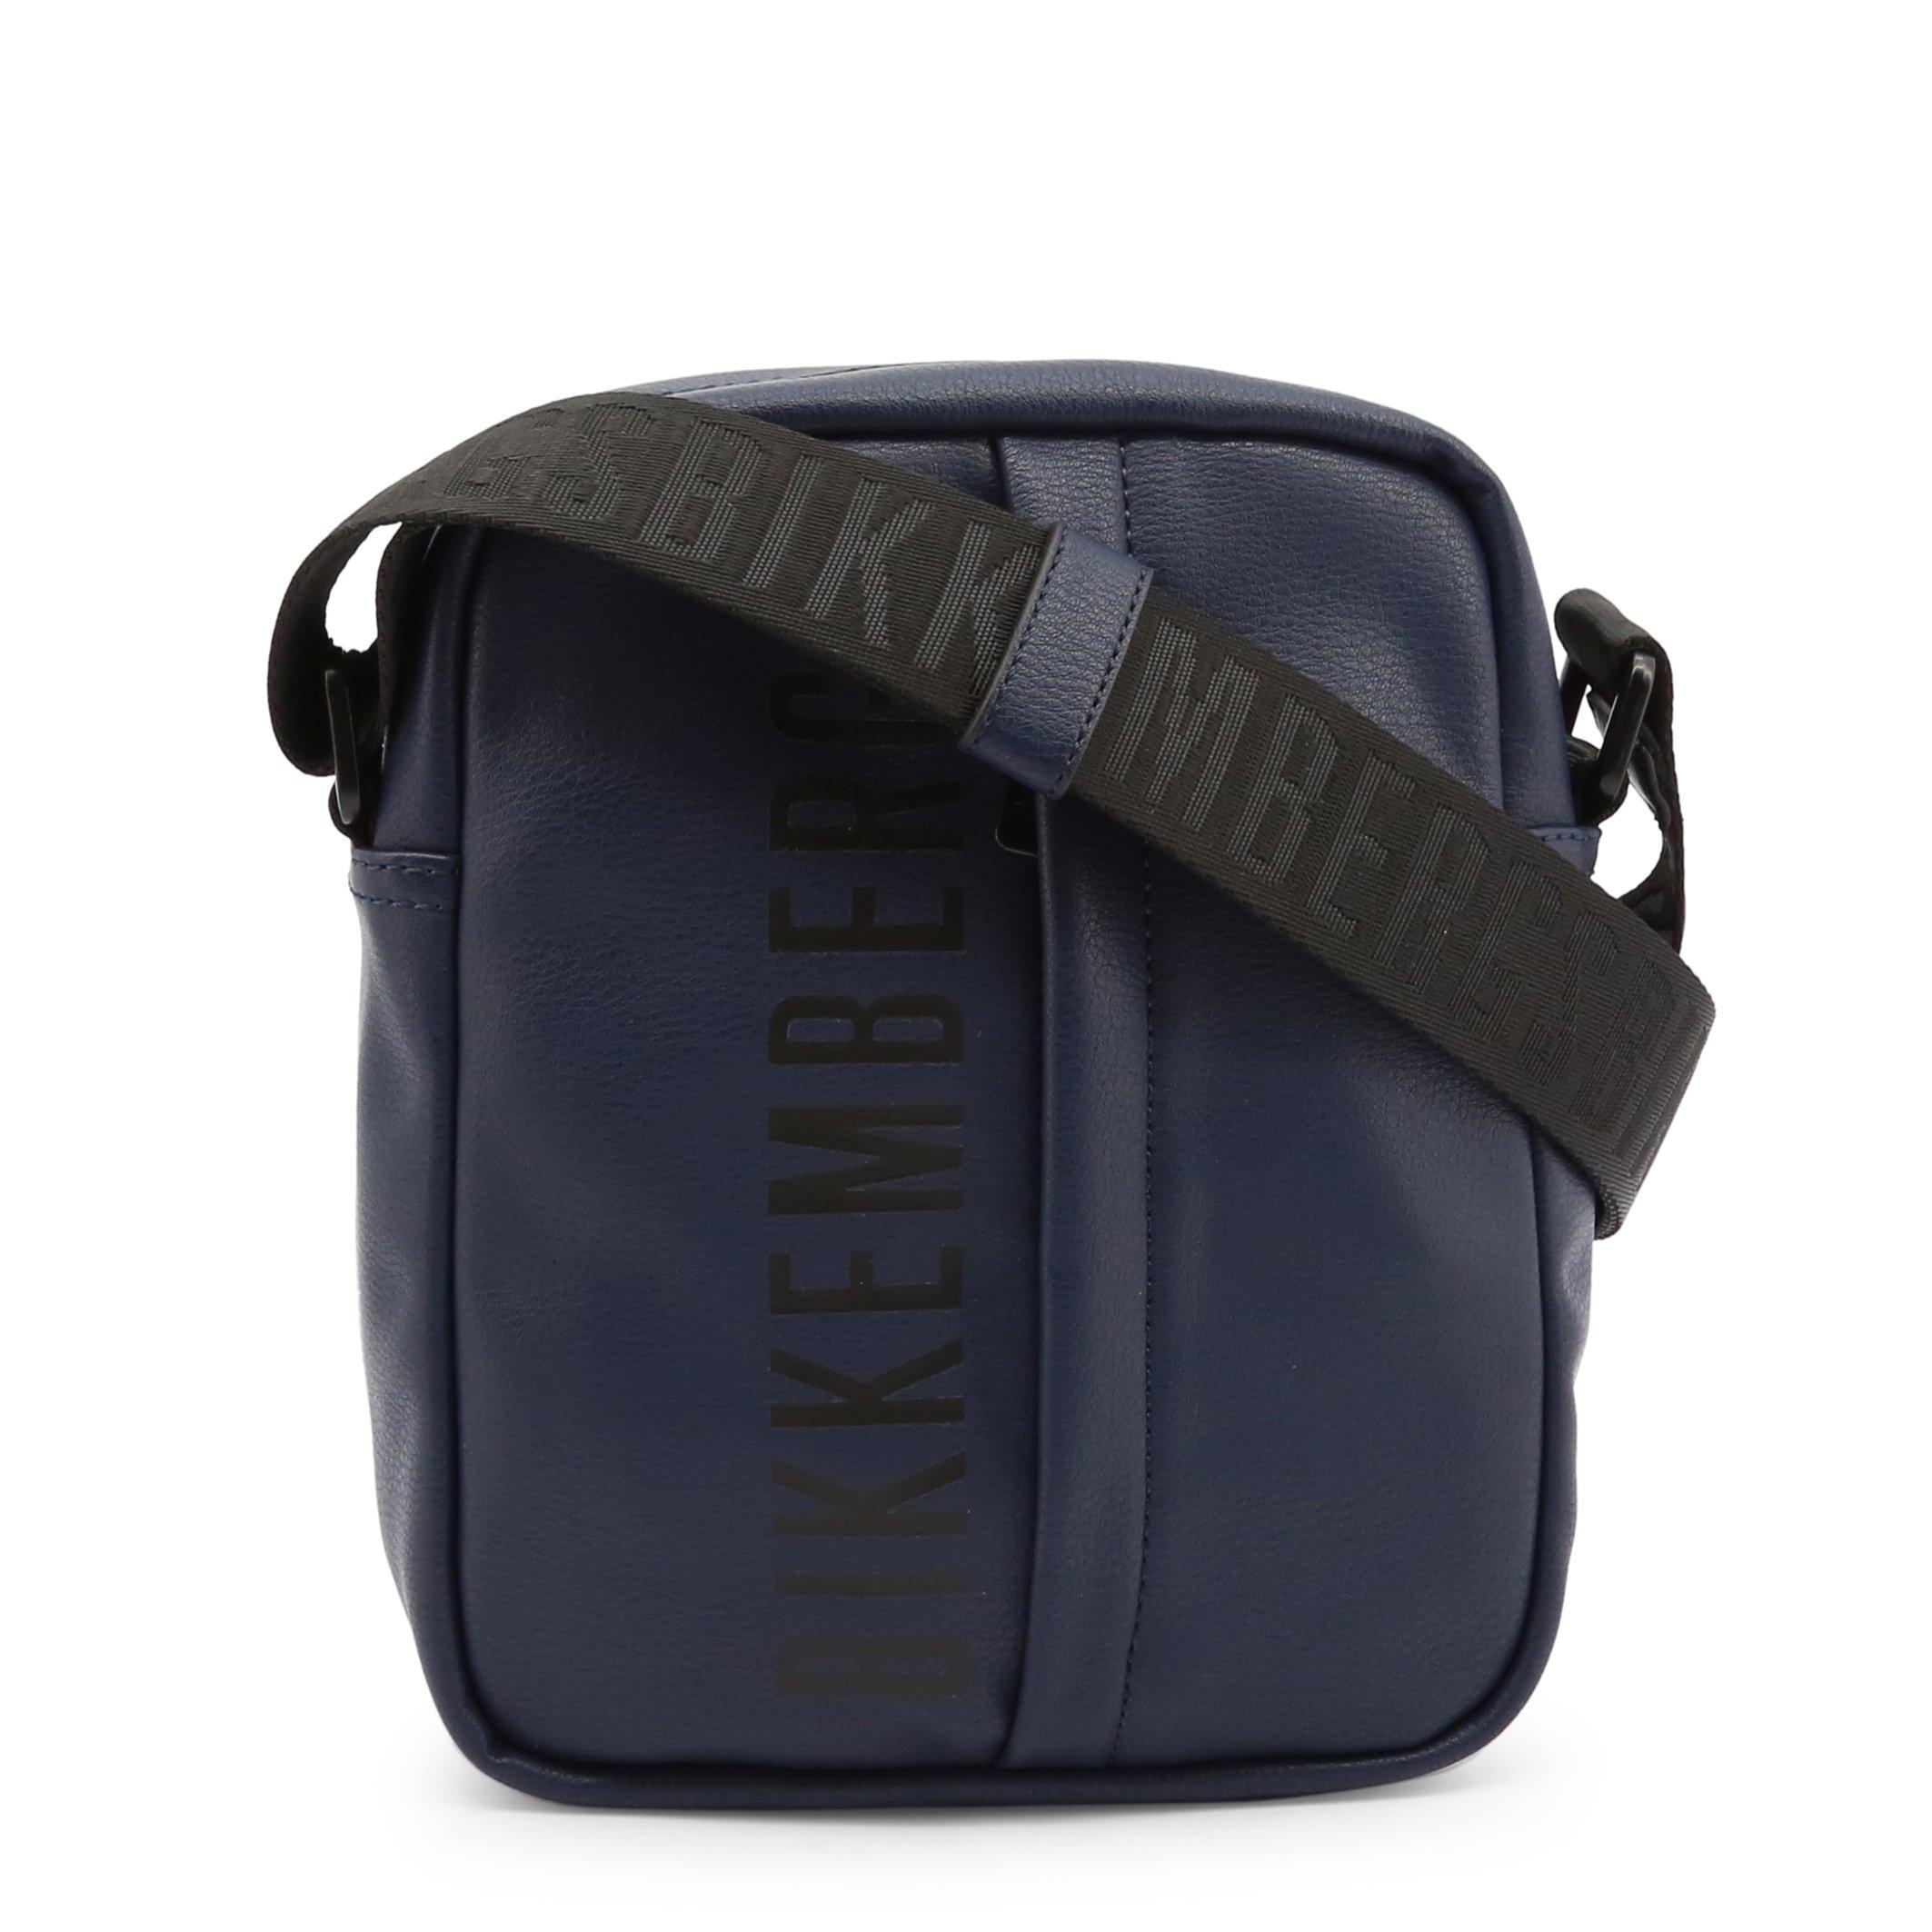 Bikkembergs Men's Crossbody Bag Various Colours E2BPME1N0012 - blue NOSIZE